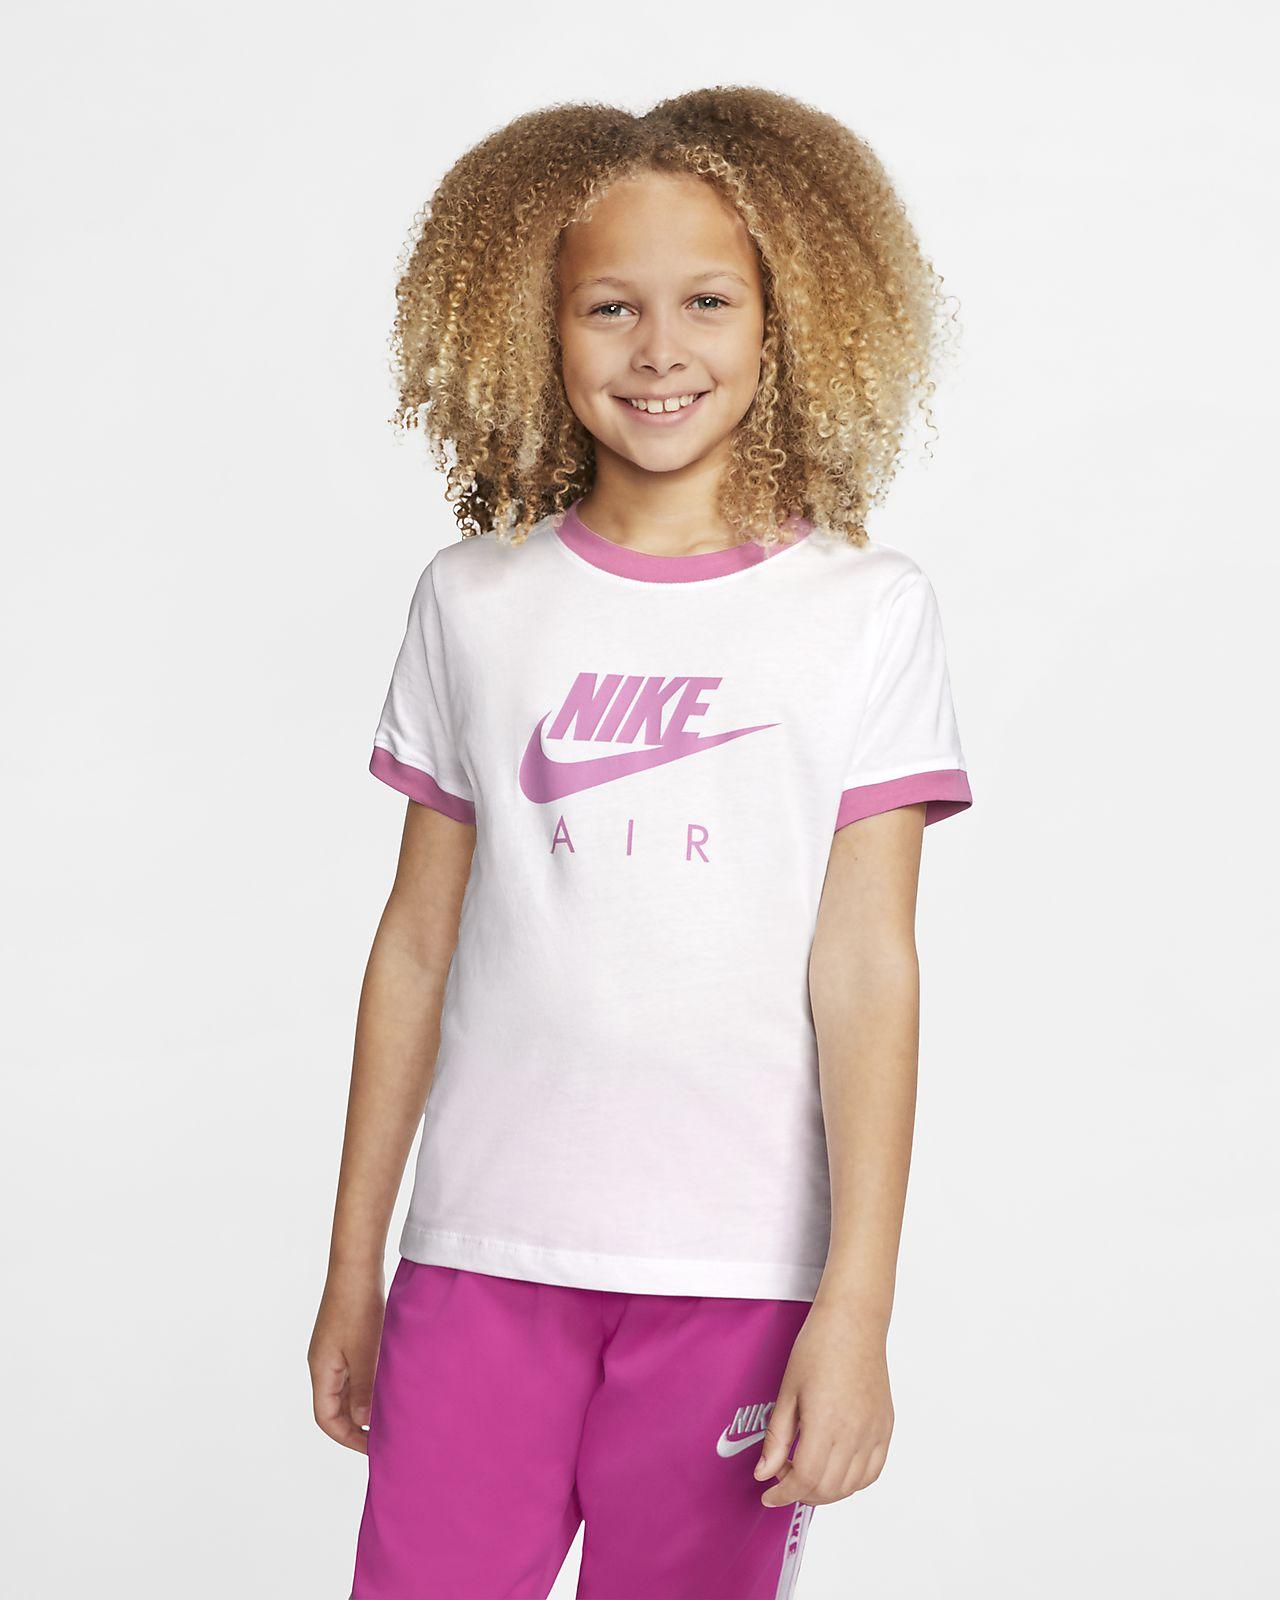 Nike Air大童(女孩)T恤